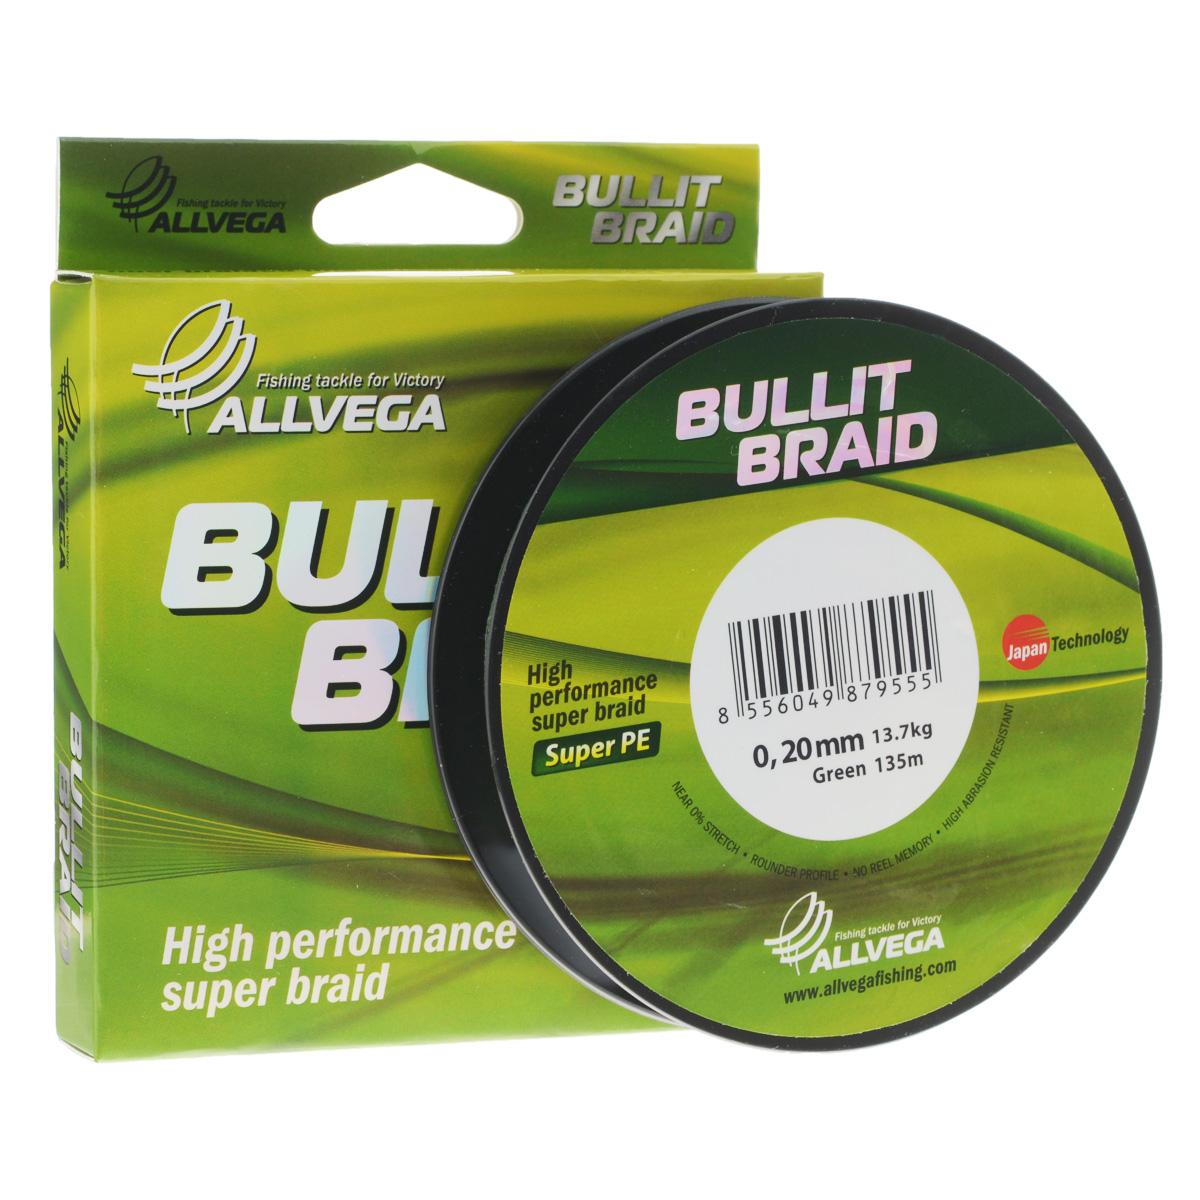 Леска плетеная Allvega Bullit Braid, цвет: темно-зеленый, 135 м, 0,20 мм, 13,7 кг39951Леска Allvega Bullit Braid с гладкой поверхностью и одинаковым сечением по всей длине обладает высокой износостойкостью. Благодаря микроволокнам полиэтилена (Super PE) леска имеет очень плотное плетение и не впитывает воду. Леску Allvega Bullit Braid можно применять в любых типах водоемов. Особенности:повышенная износостойкость;высокая чувствительность - коэффициент растяжения близок к нулю;отсутствует память; идеально гладкая поверхность позволяет увеличить дальность забросов; высокая прочность шнура на узлах.